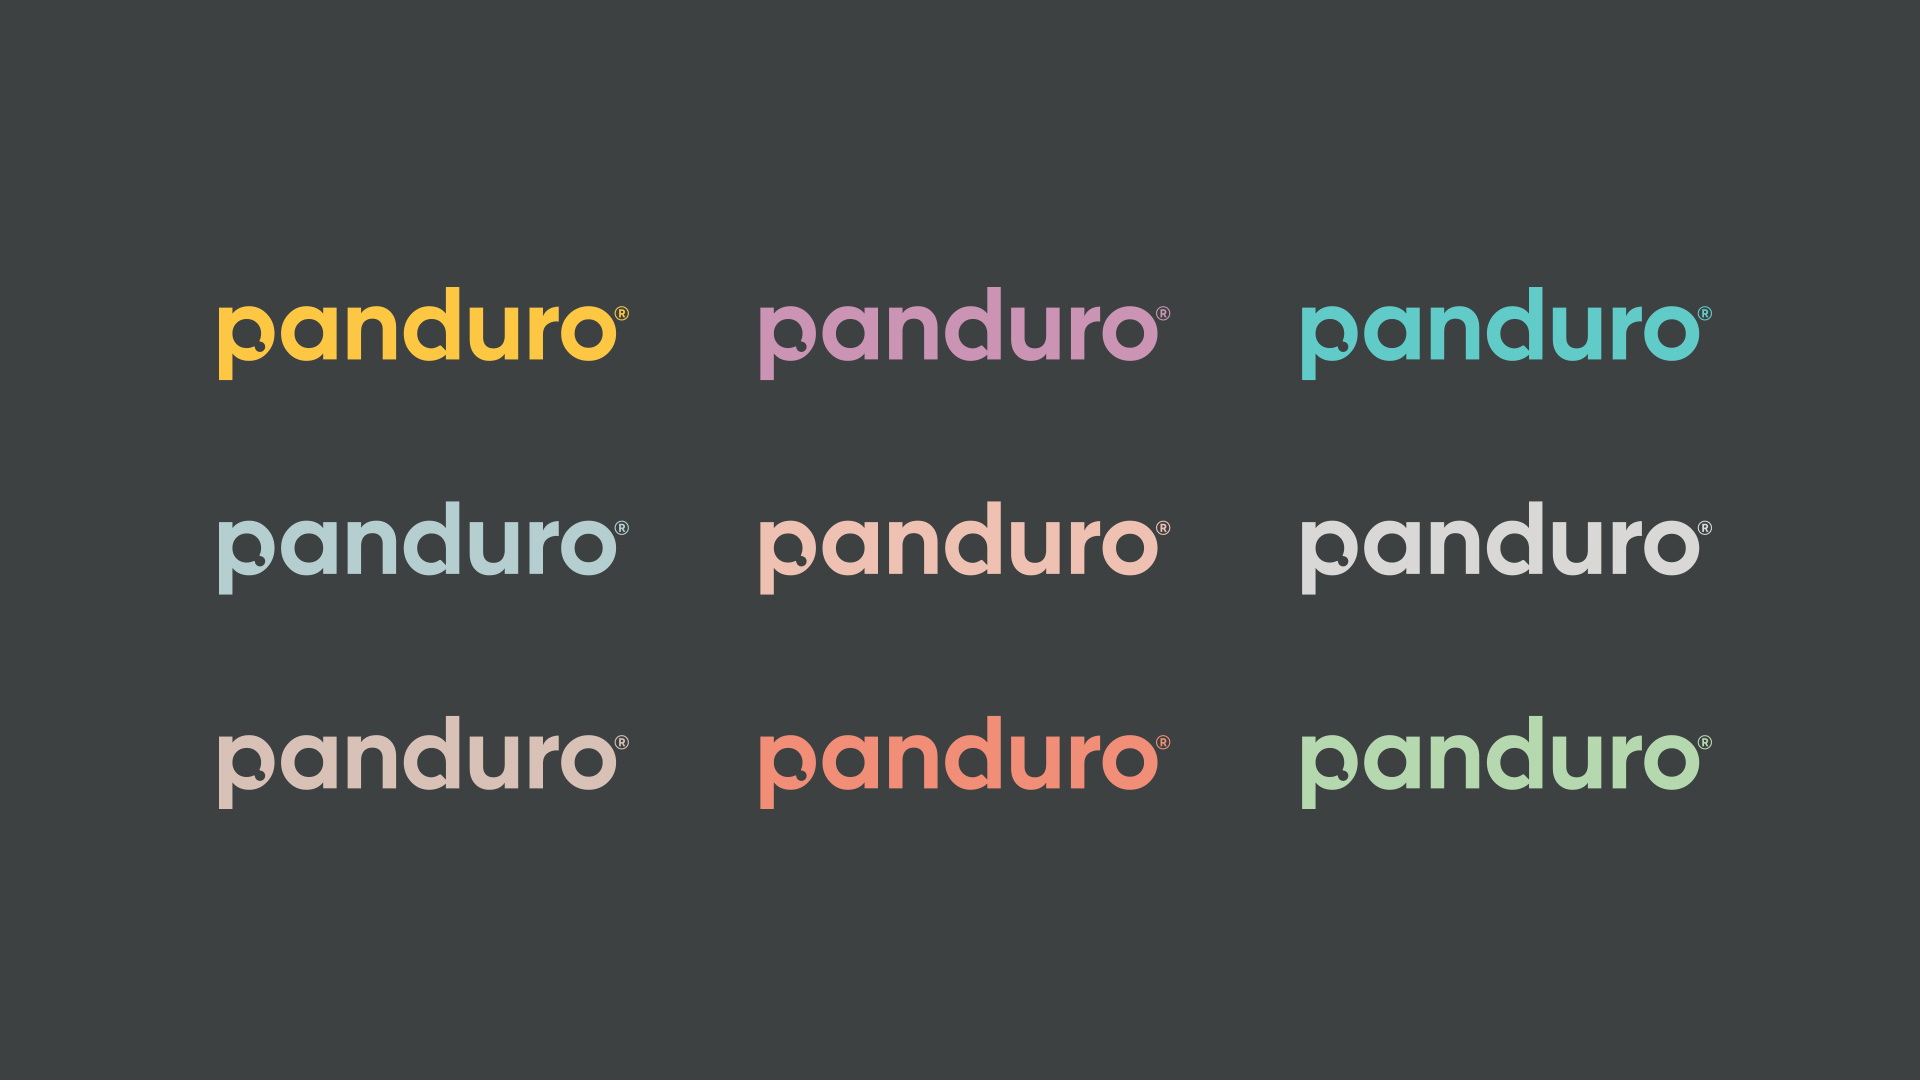 05. Panduro_long